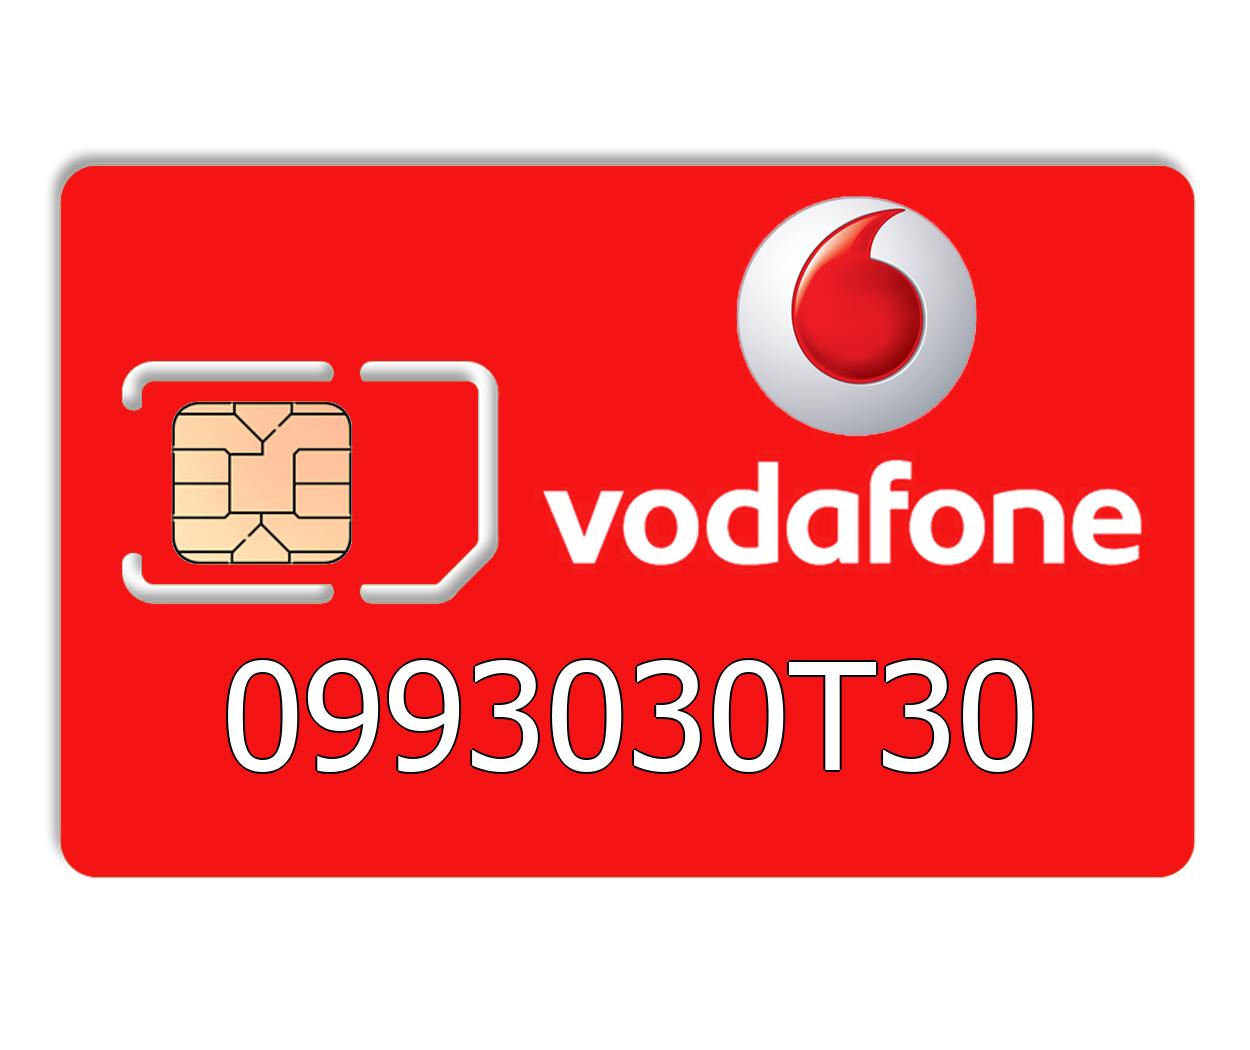 Красивый номер Vodafone 0993030T30